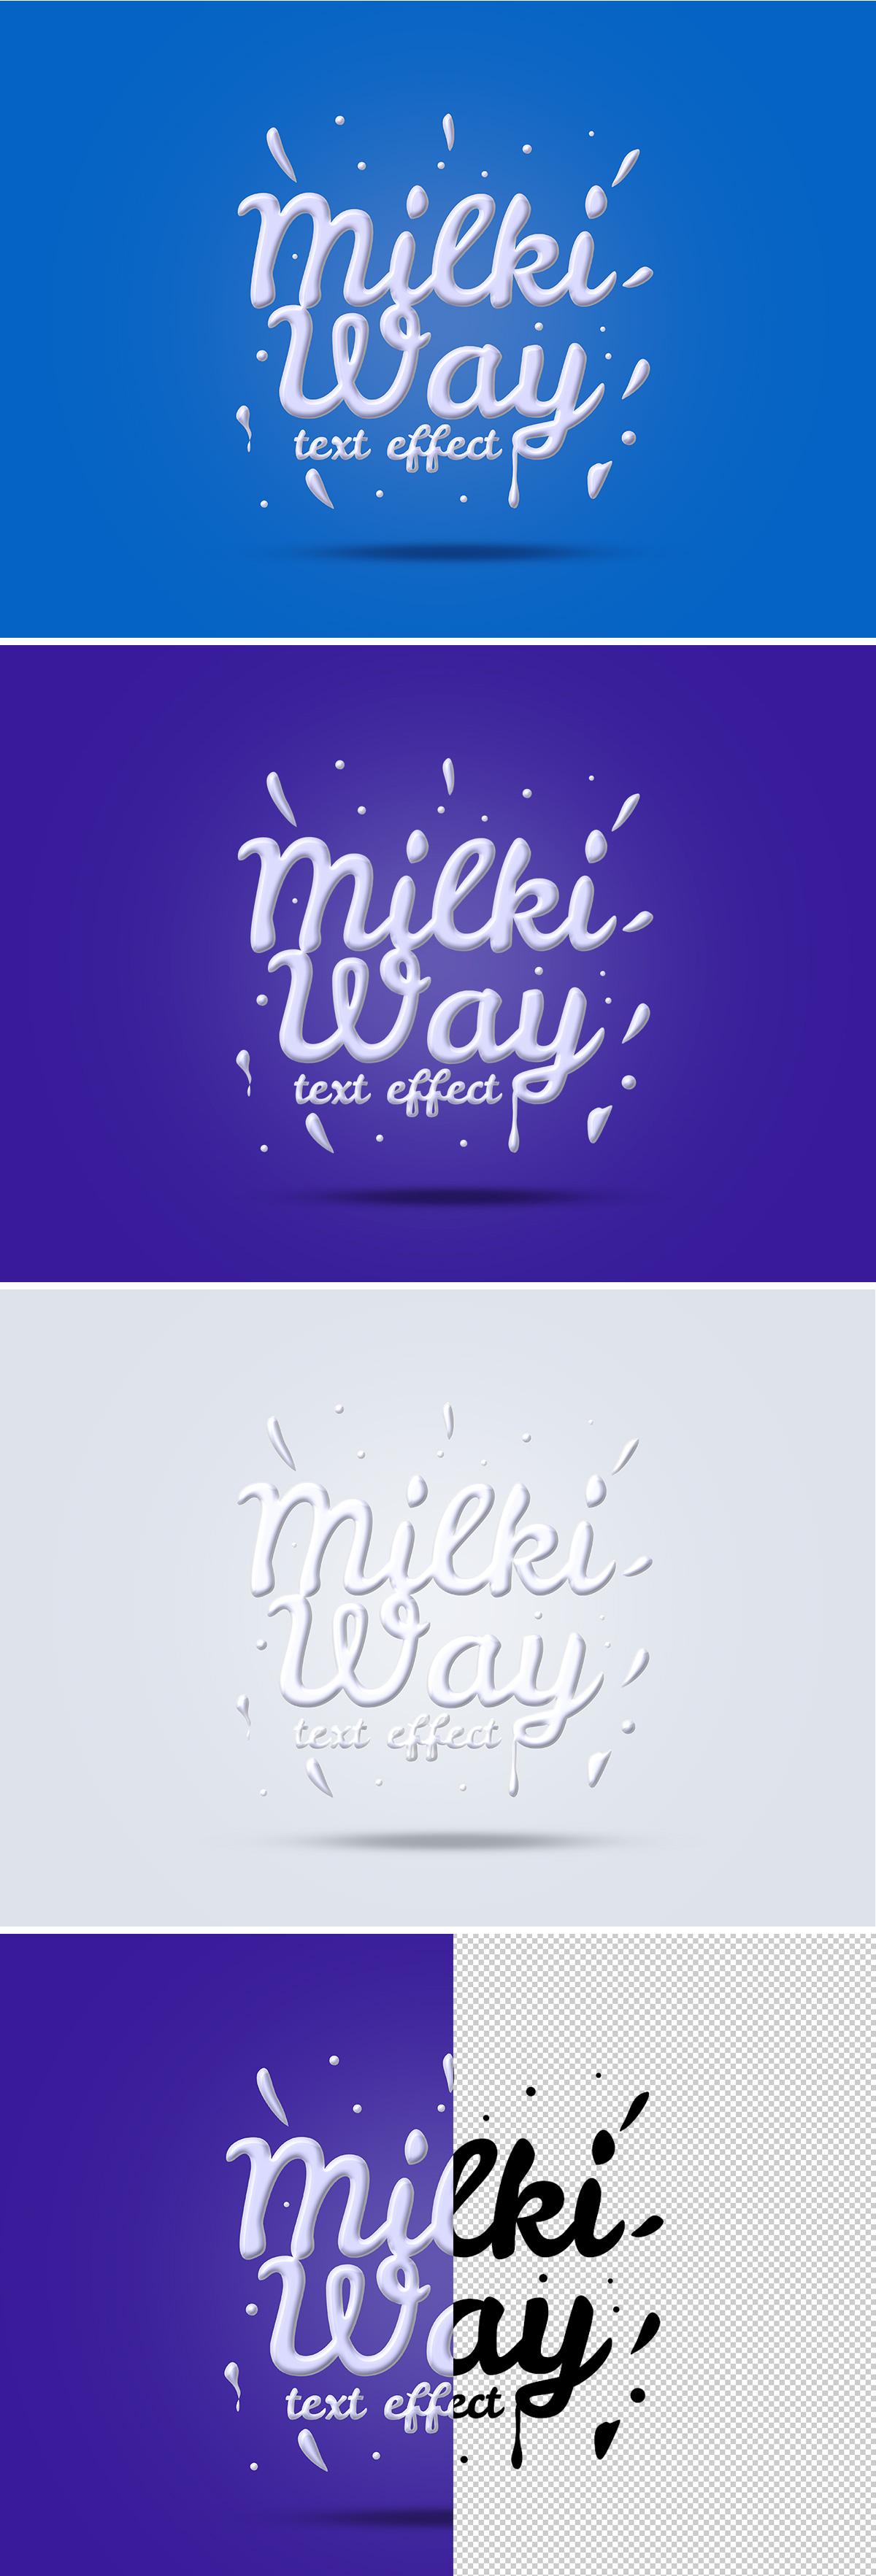 PSD Milk Text Effect